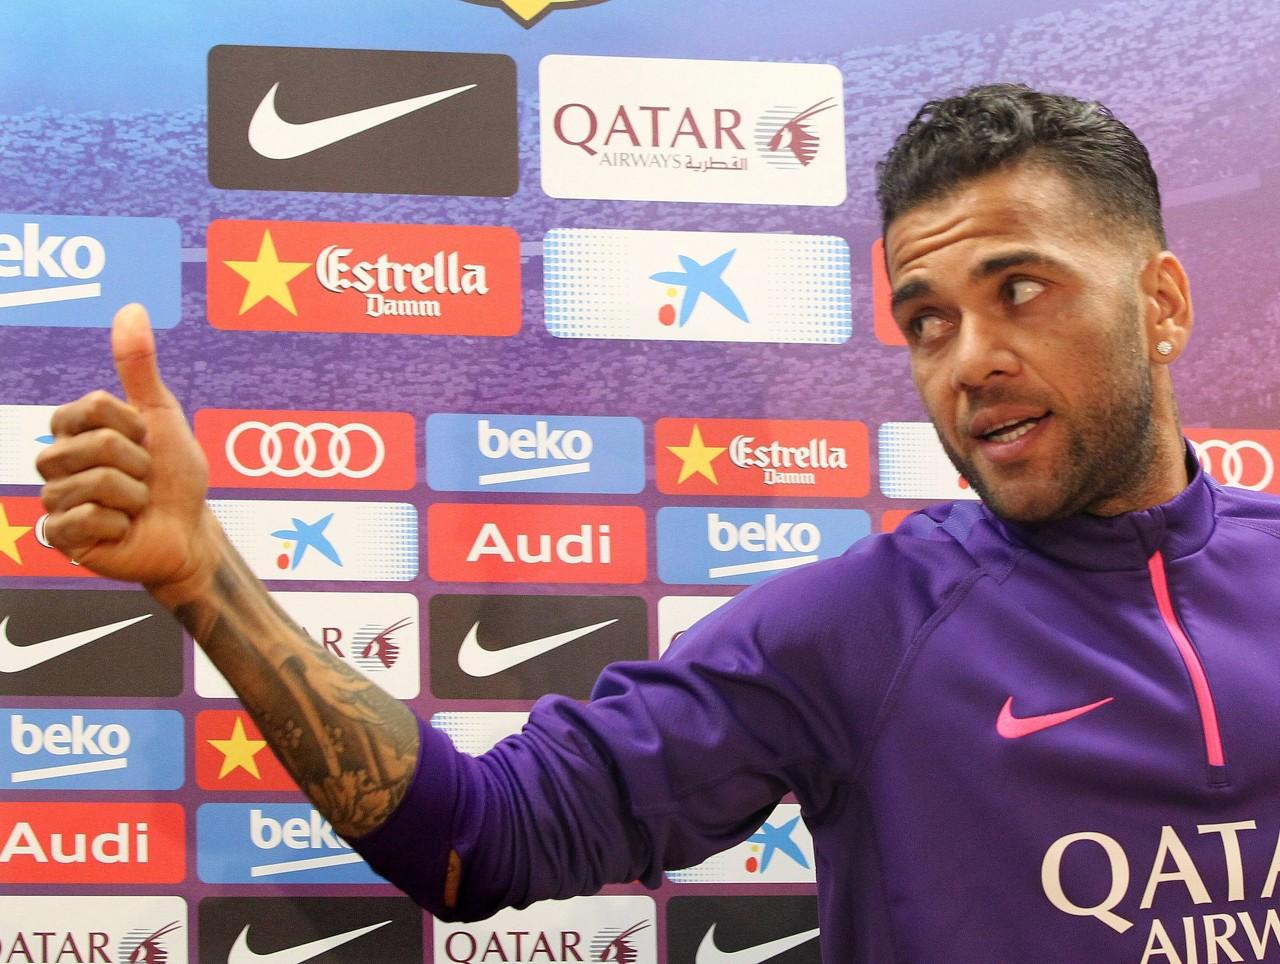 阿尔维斯ins发文:我为足球崇奉而活,希望它能沾染更多人